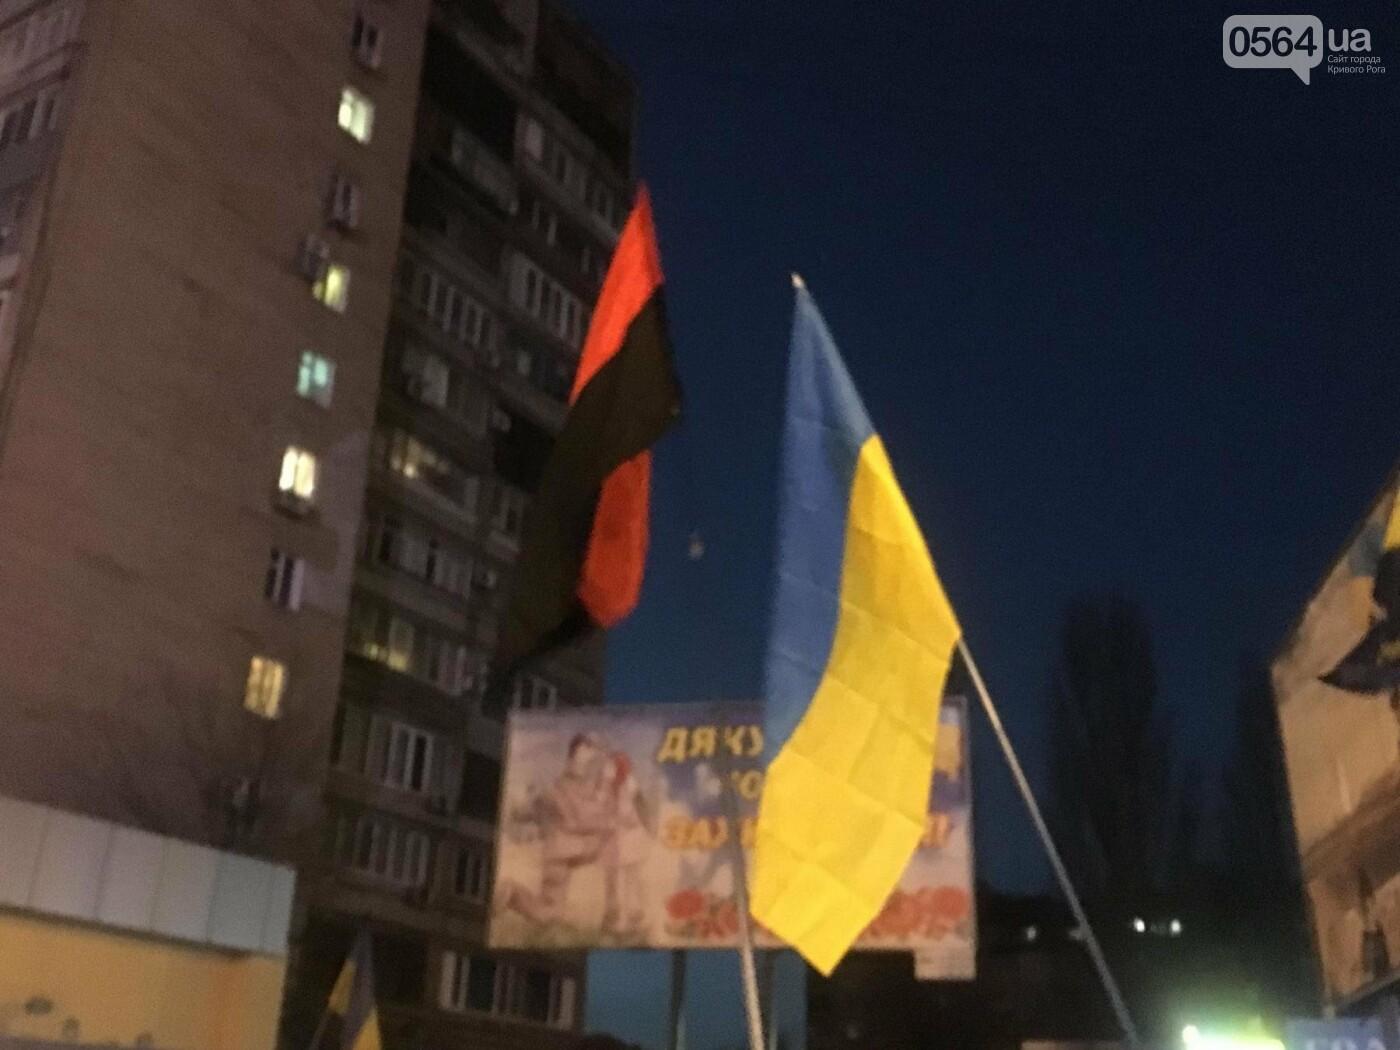 В Кривом Роге проходит Факельный марш в честь Дня рождения Степана Бандеры (ФОТО, ВИДЕО), фото-15